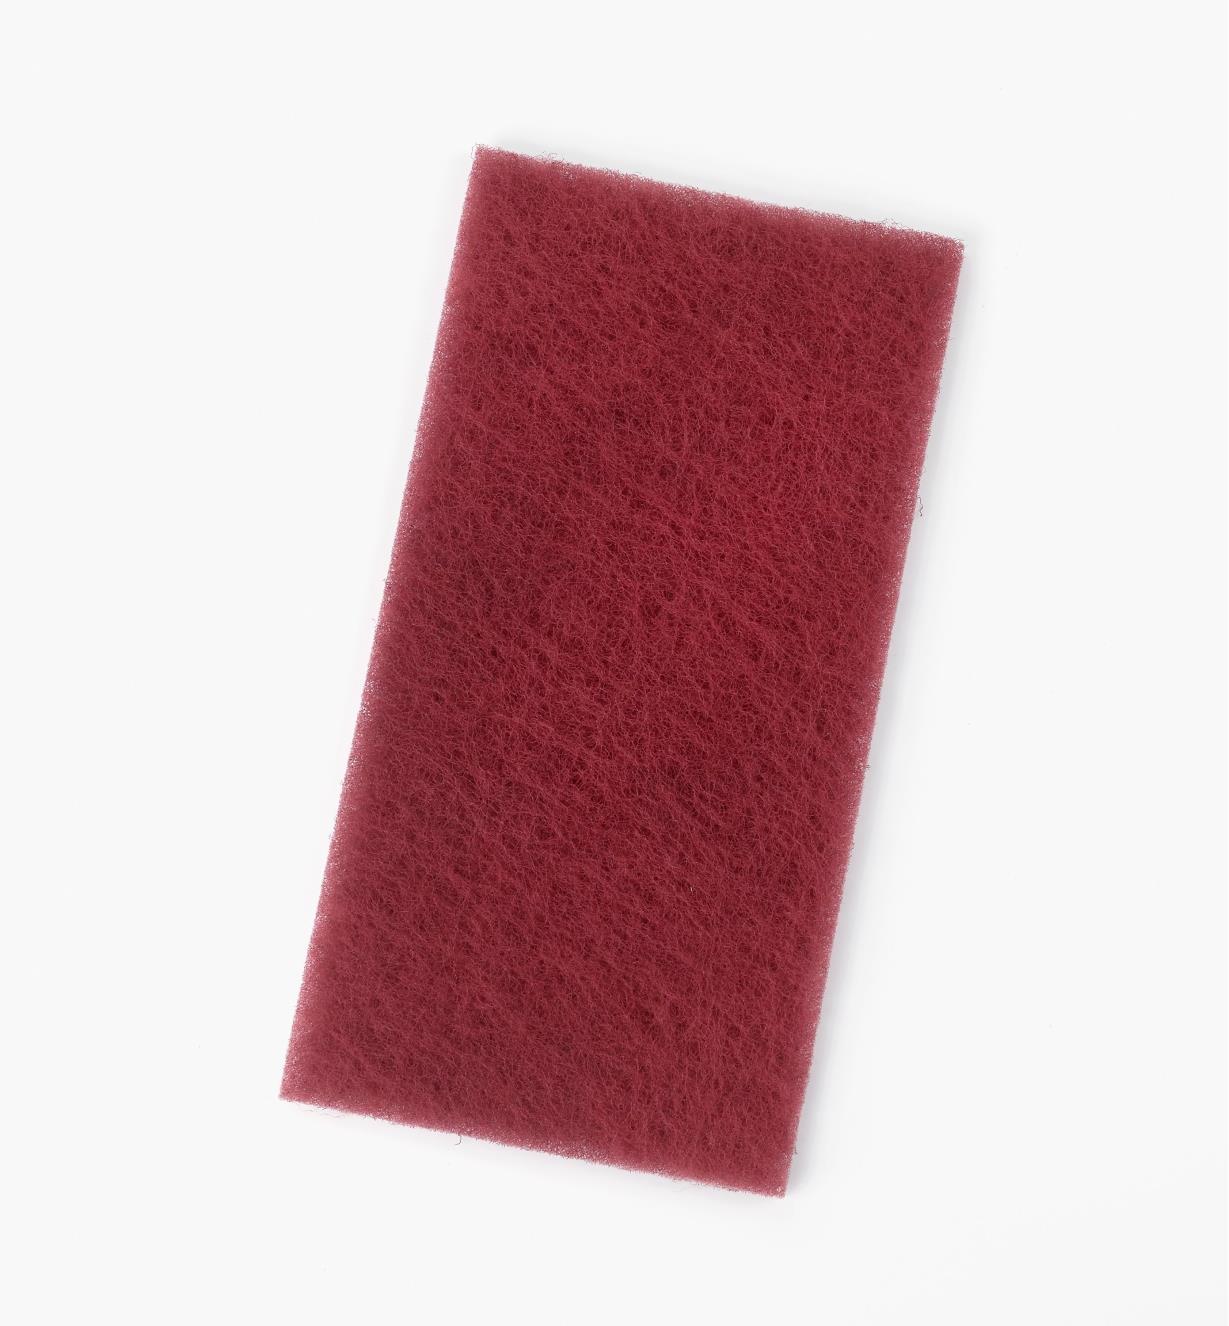 55K9341 - 360x Mirlon Total Abrasive Pad, each